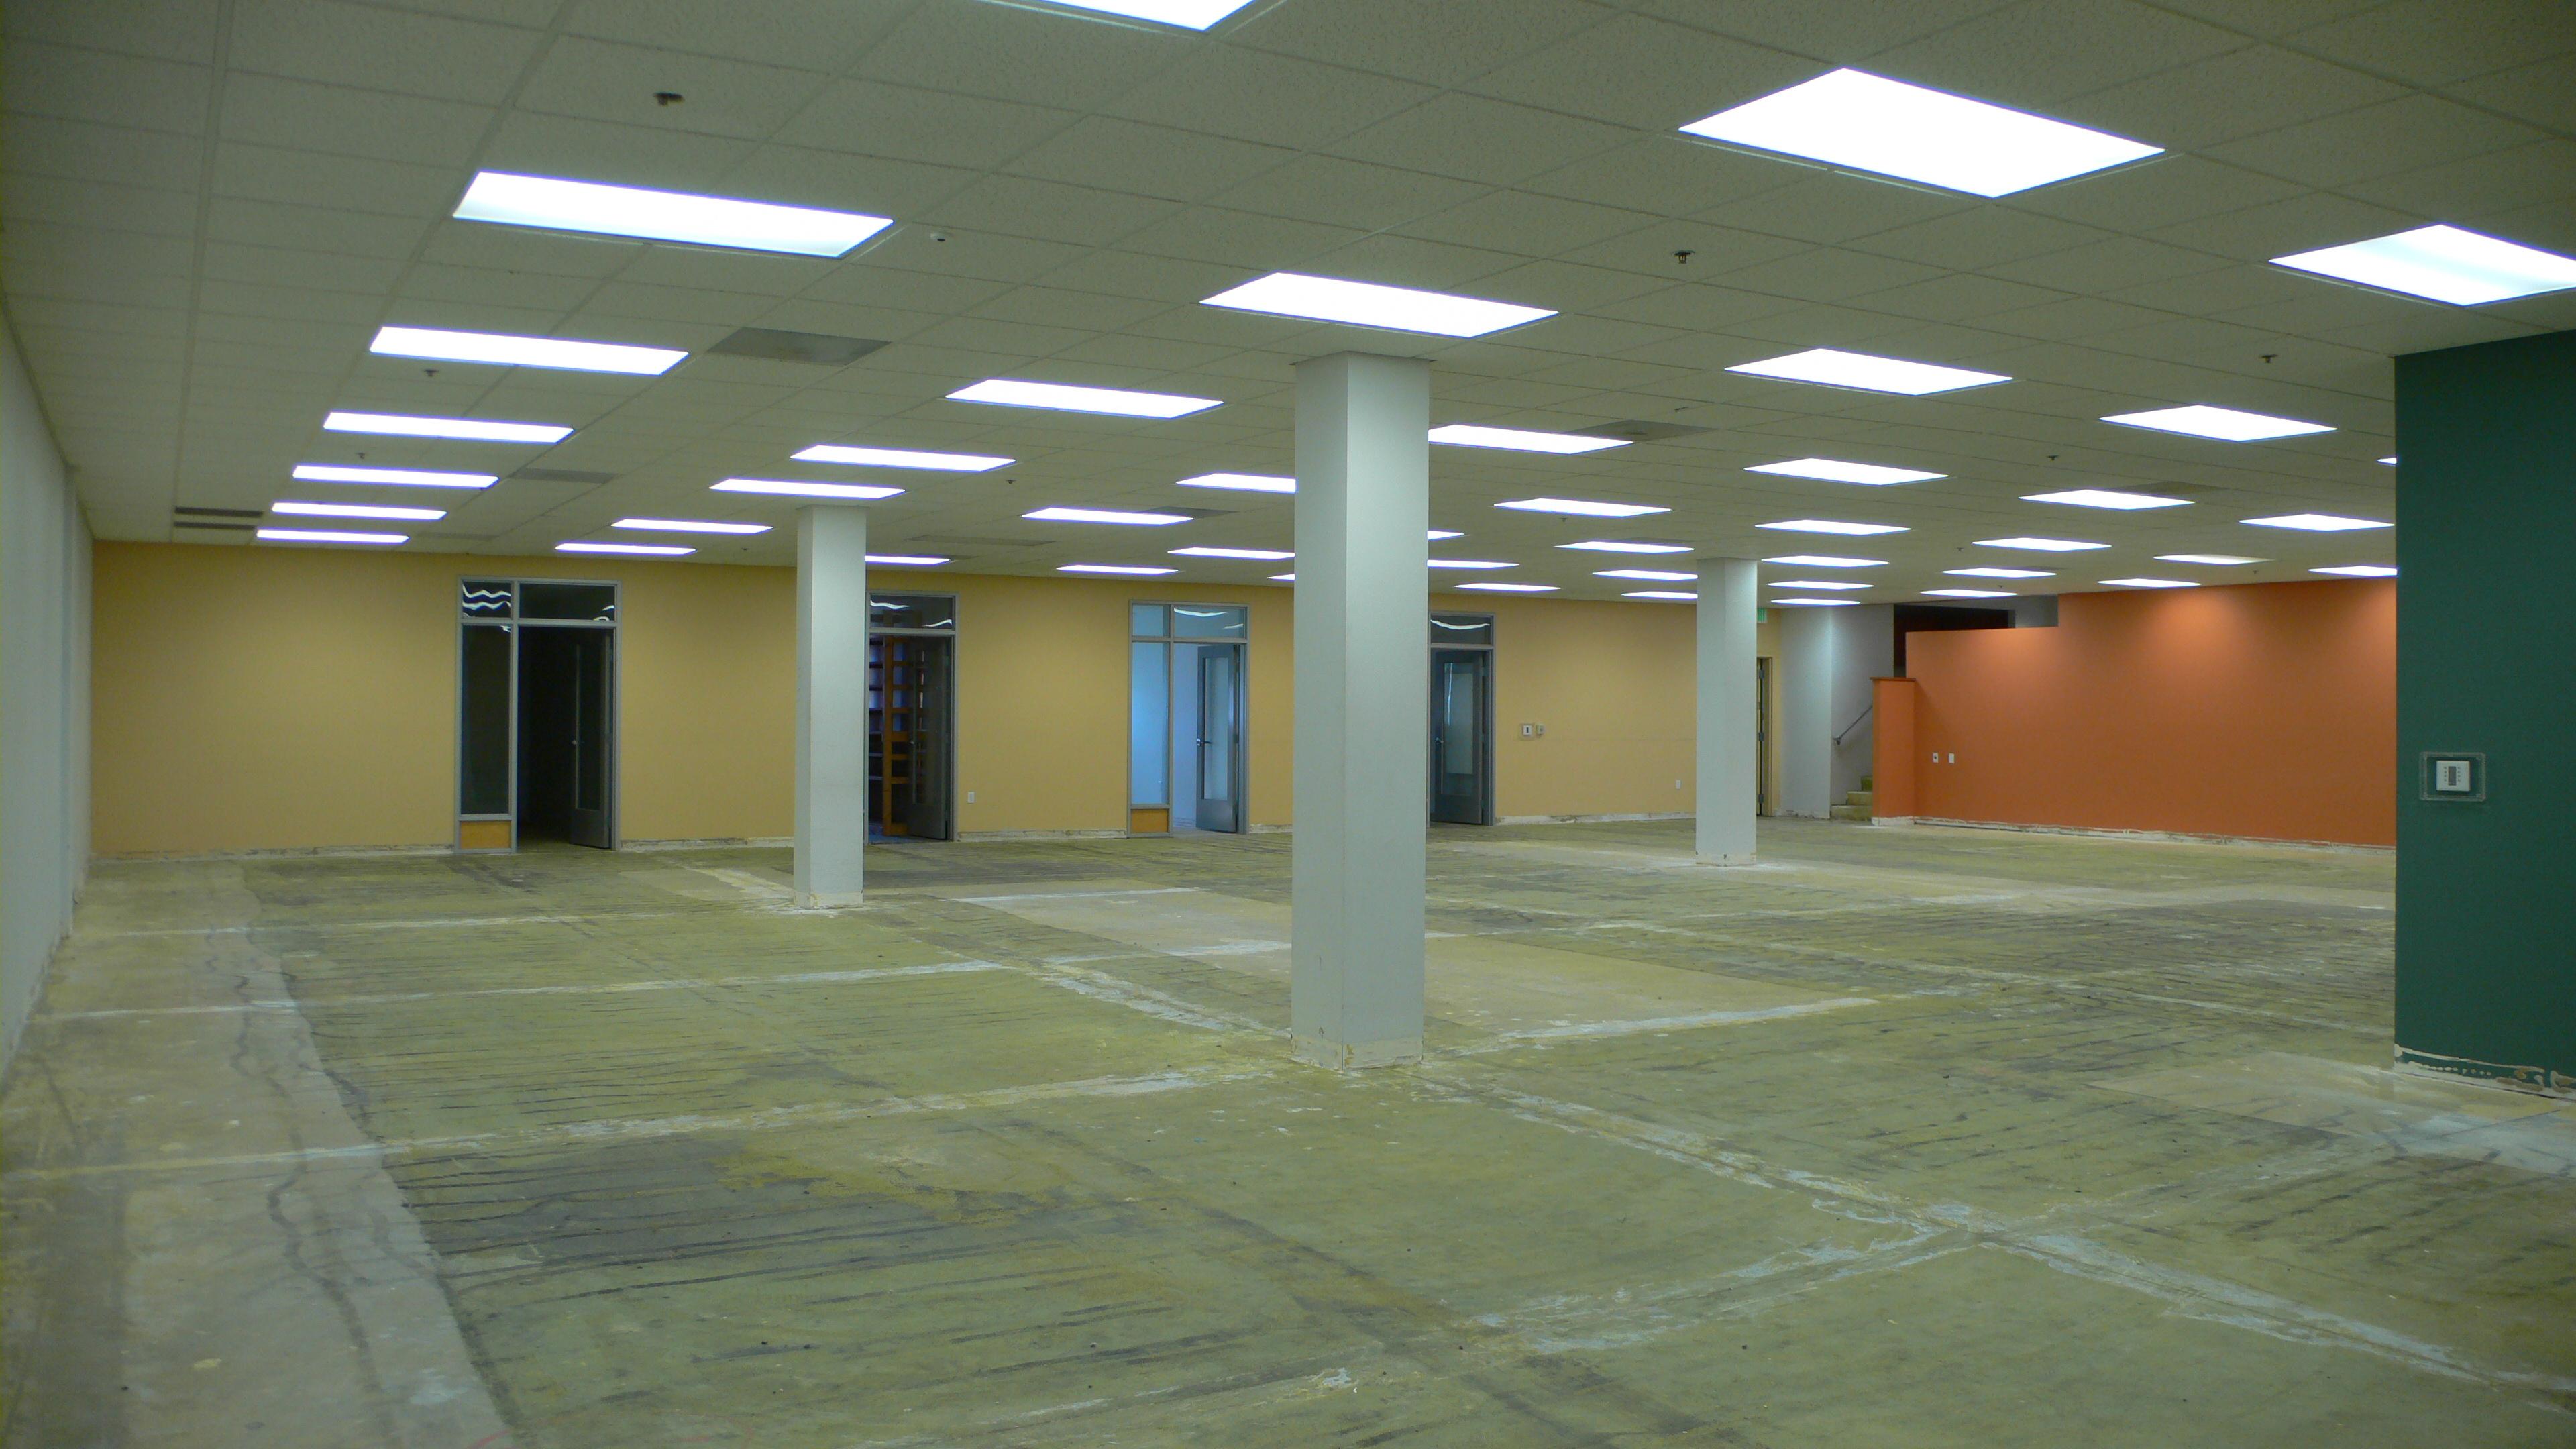 First floor interior